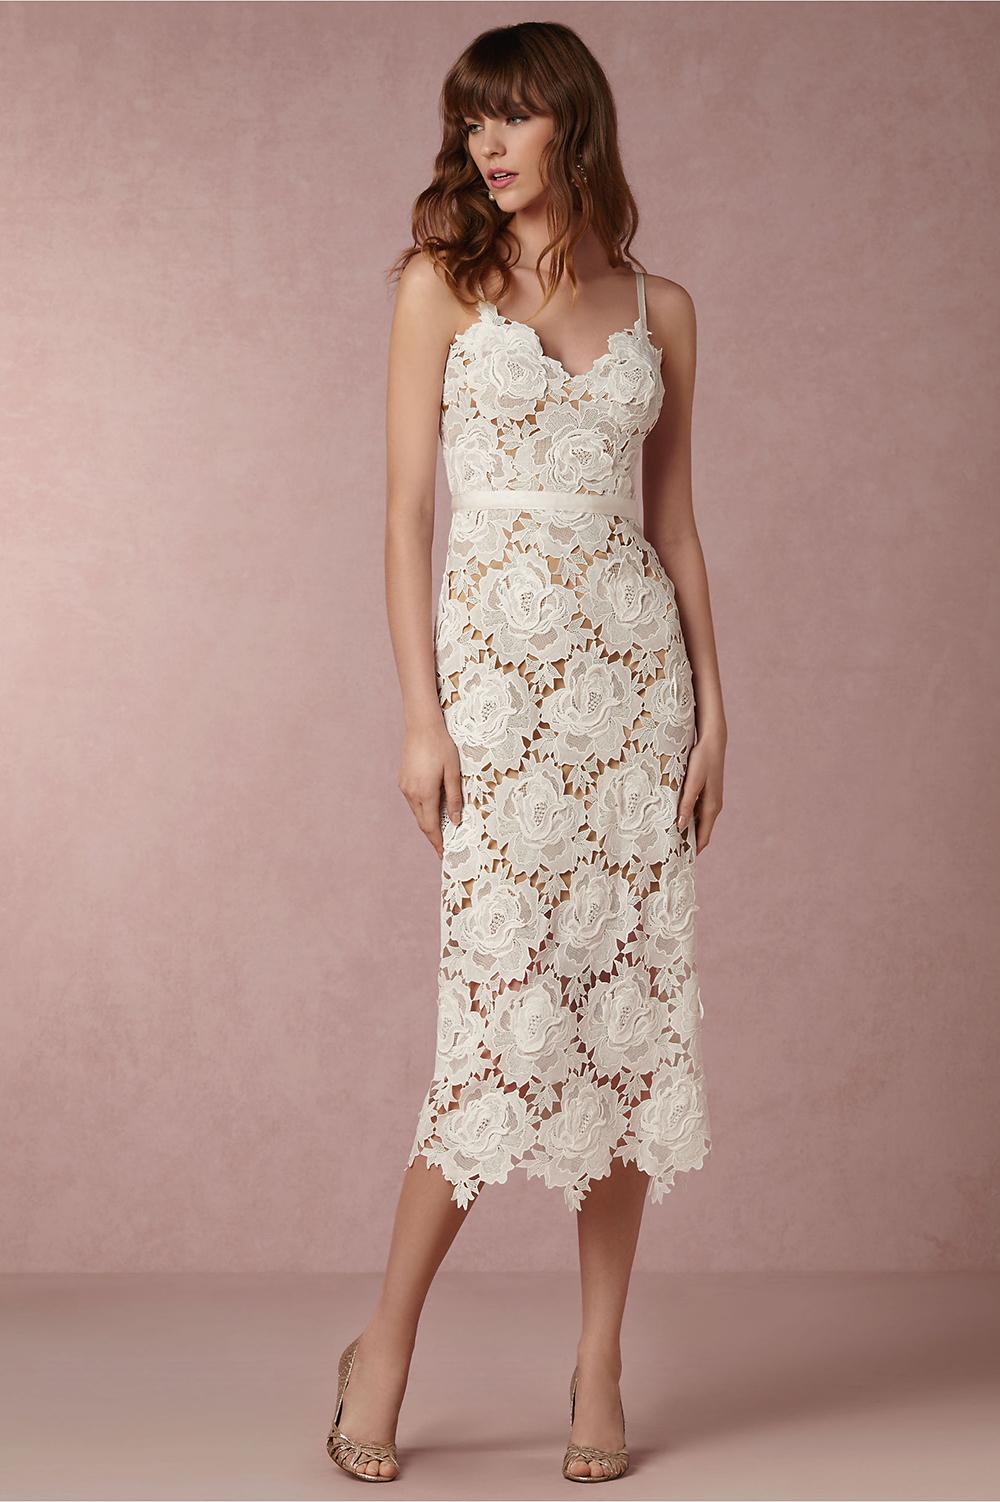 BHLDN Frida Dress - BHLDN Wedding Gowns